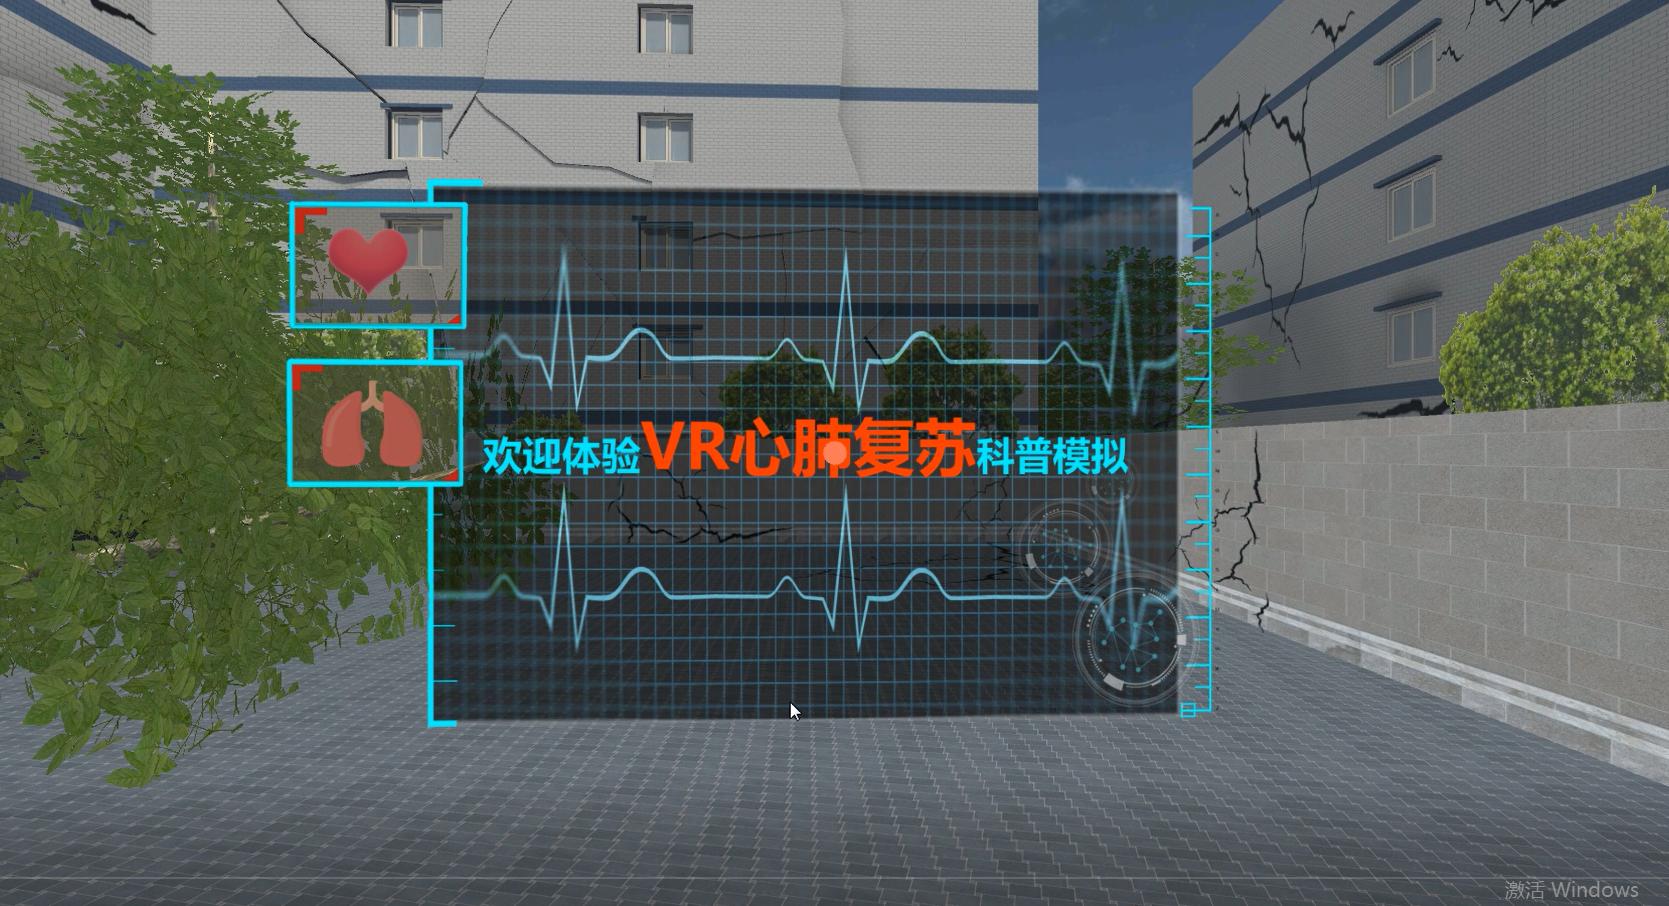 心肺复苏-HTC VIVE